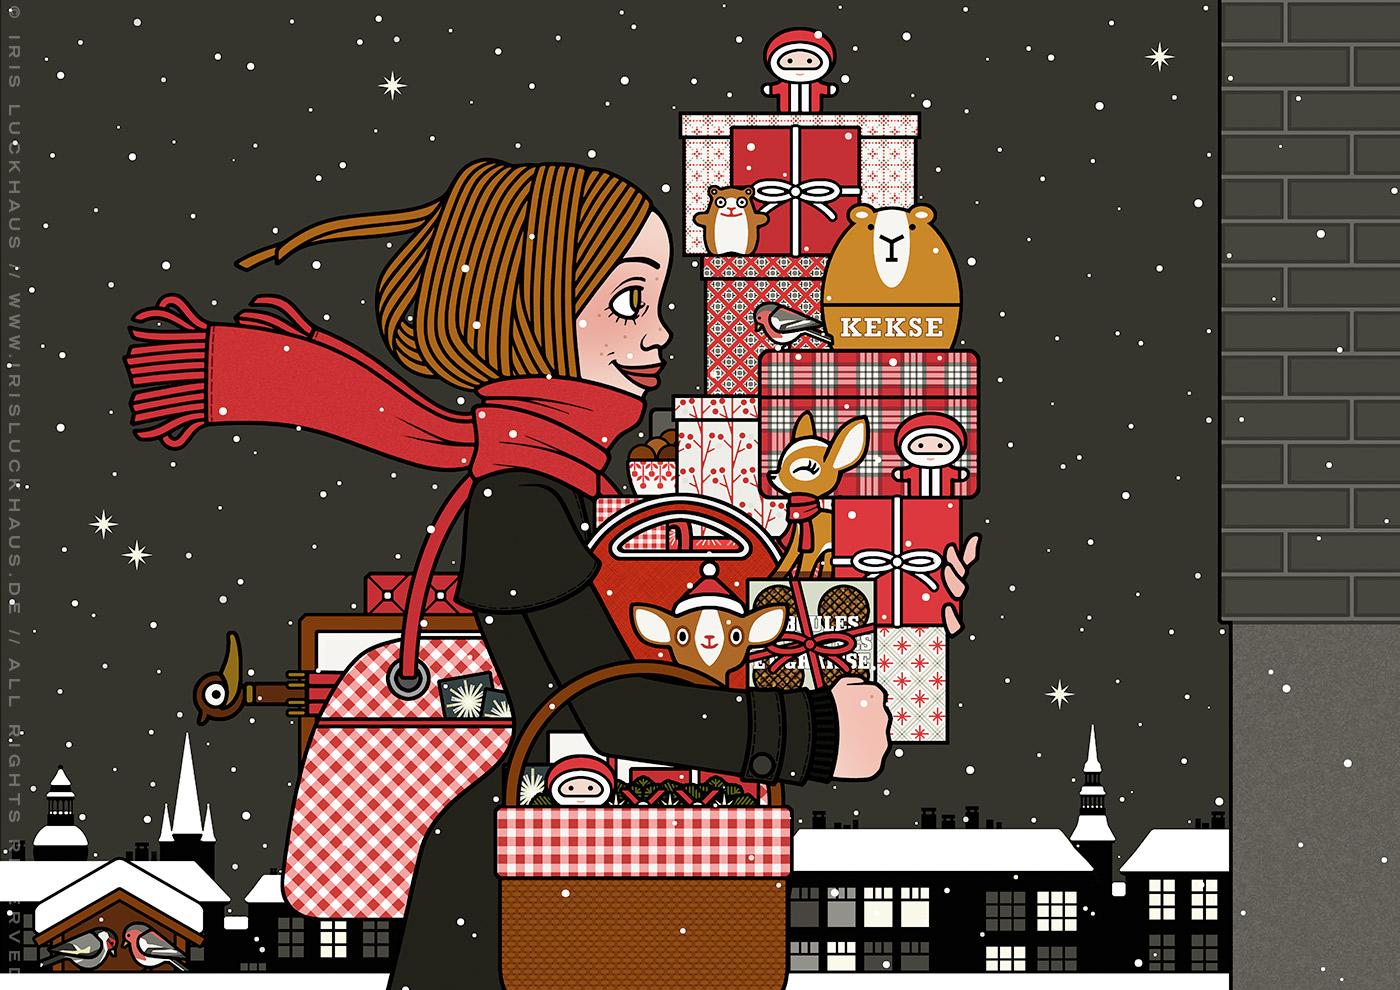 Ausschnitt aus der Zeichnung von einem Mädchen mit rotem Schal, das mit Geschenken bepackt auf der Straße im Schnee unterwegs zu einer Weihnachtsfeier ist, für Lily Lux